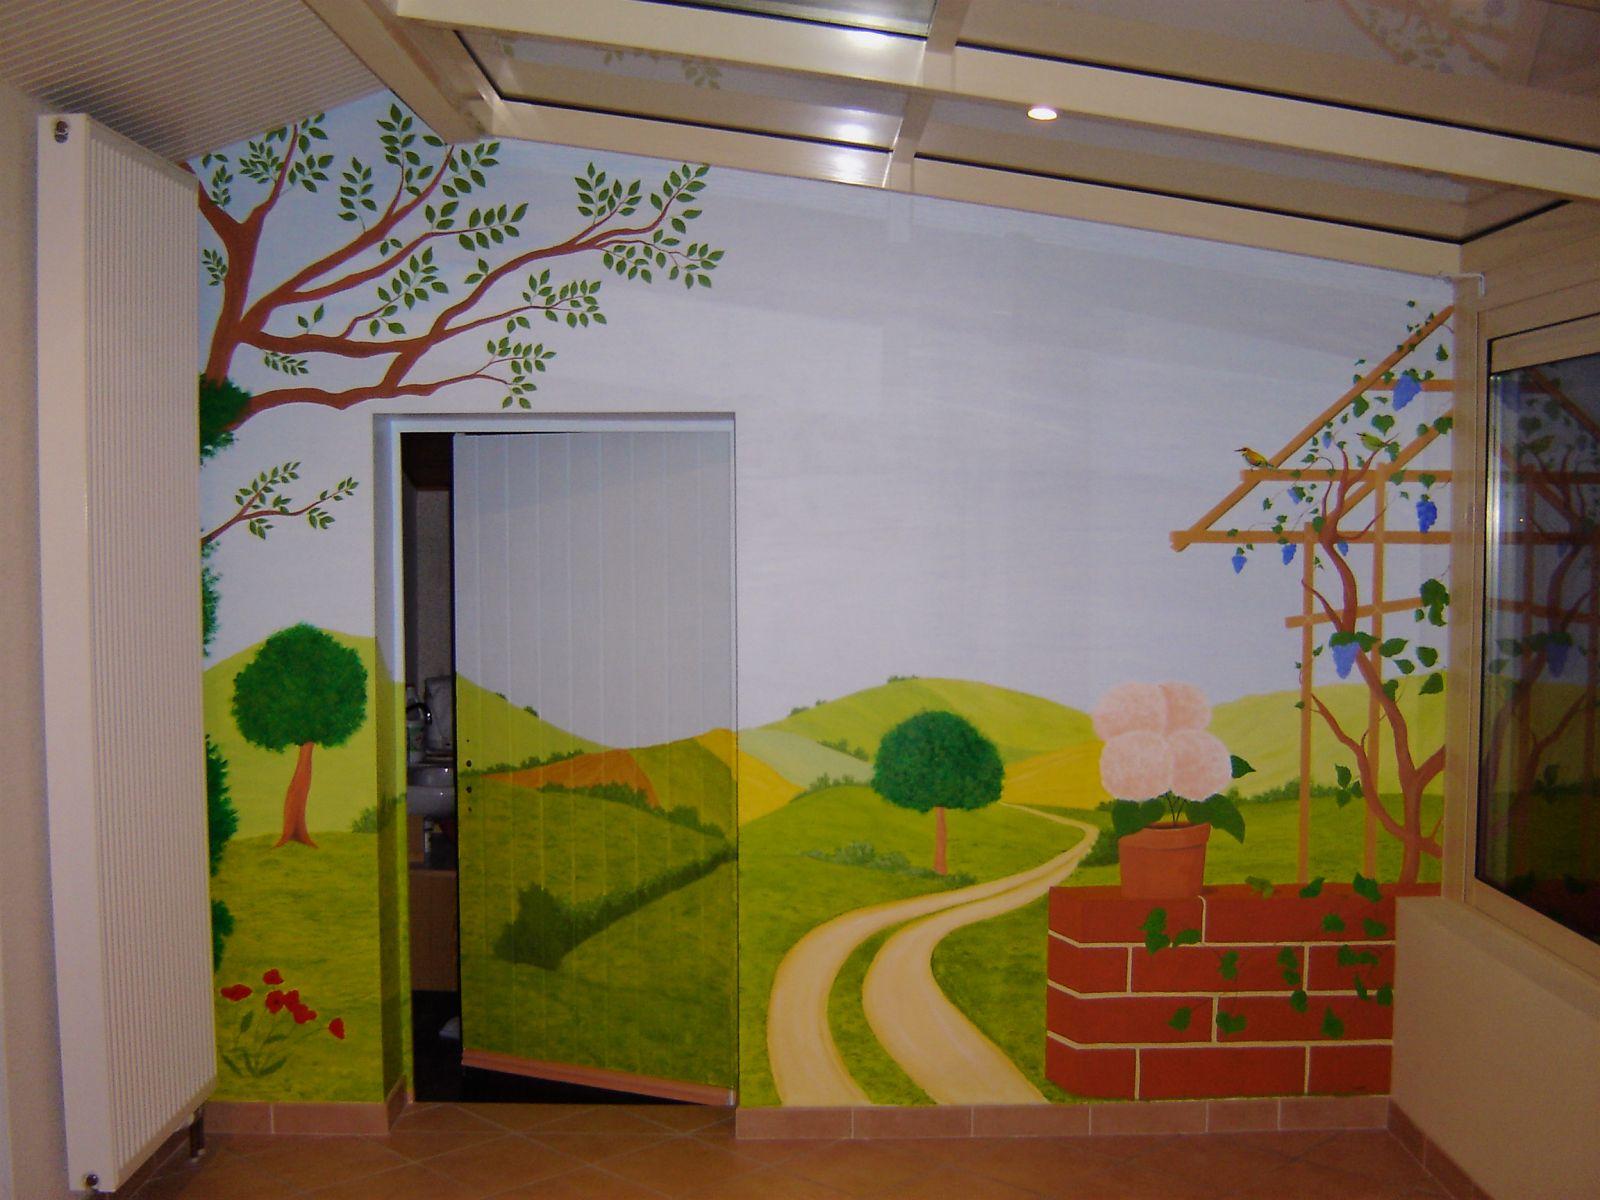 Fresque murale peinture acrylique trompe l 39 oeil d coration for Style de peinture murale